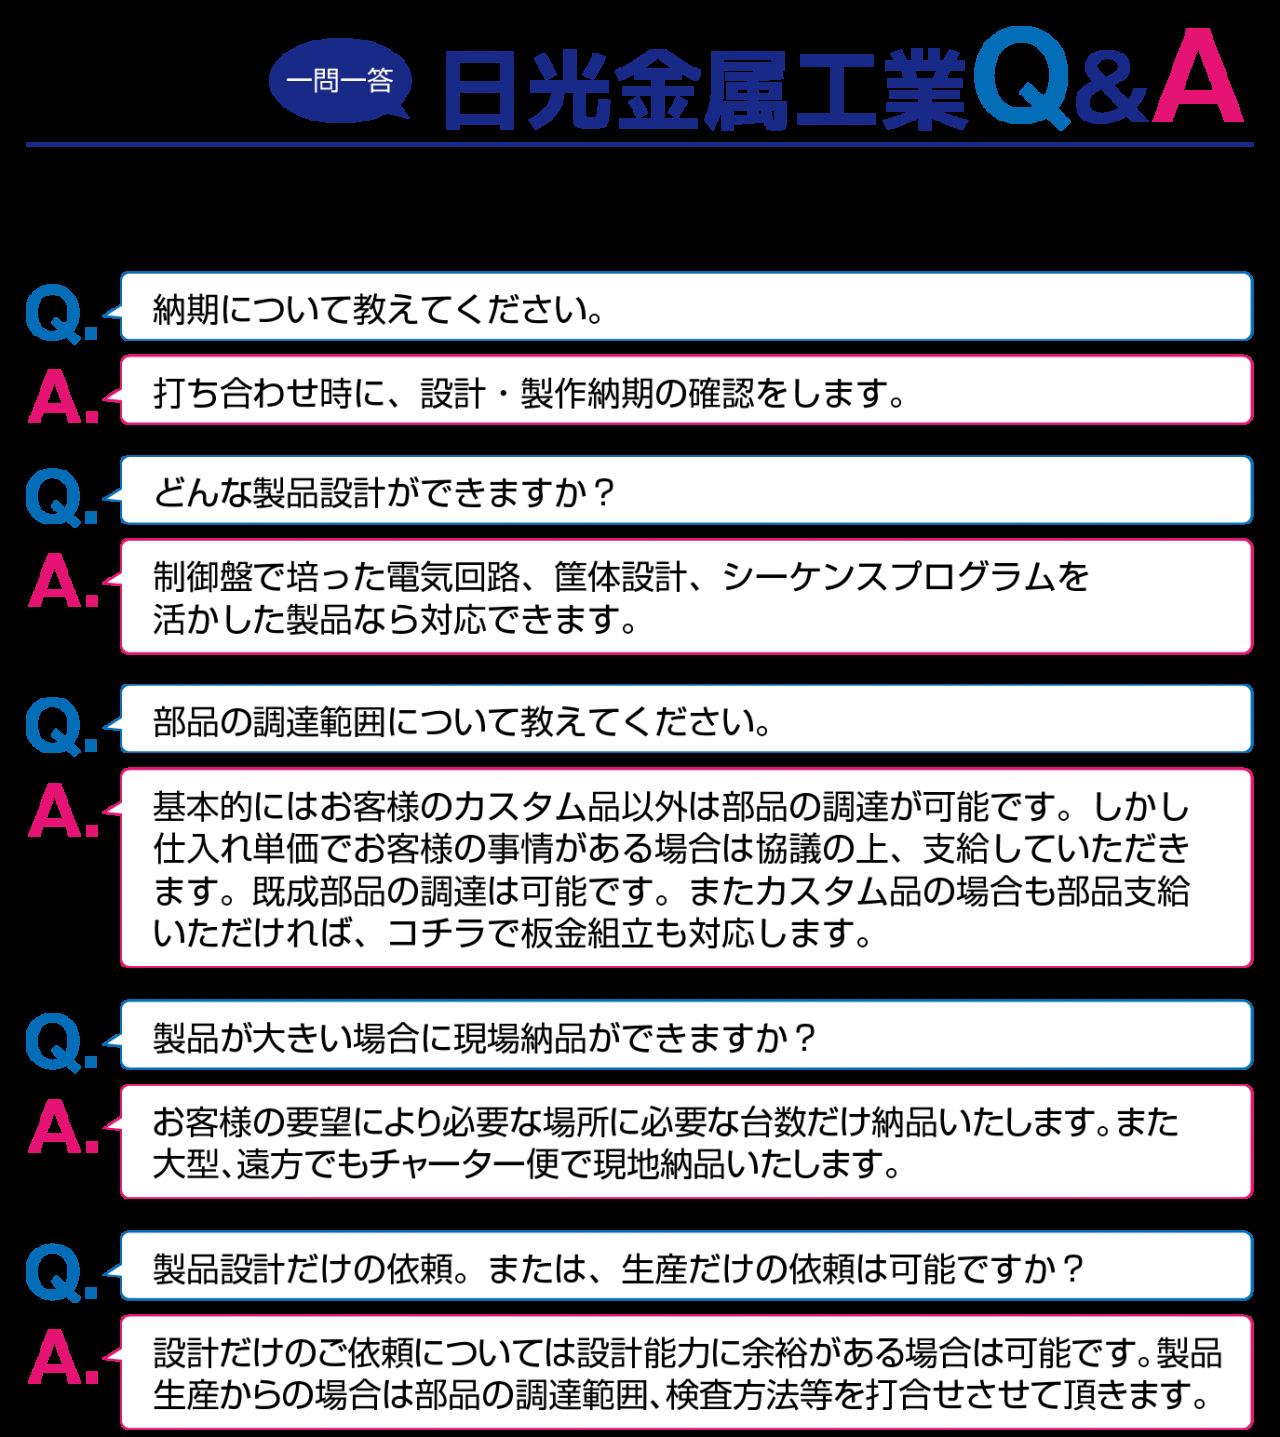 一問一答!!日光金属工業Q&A